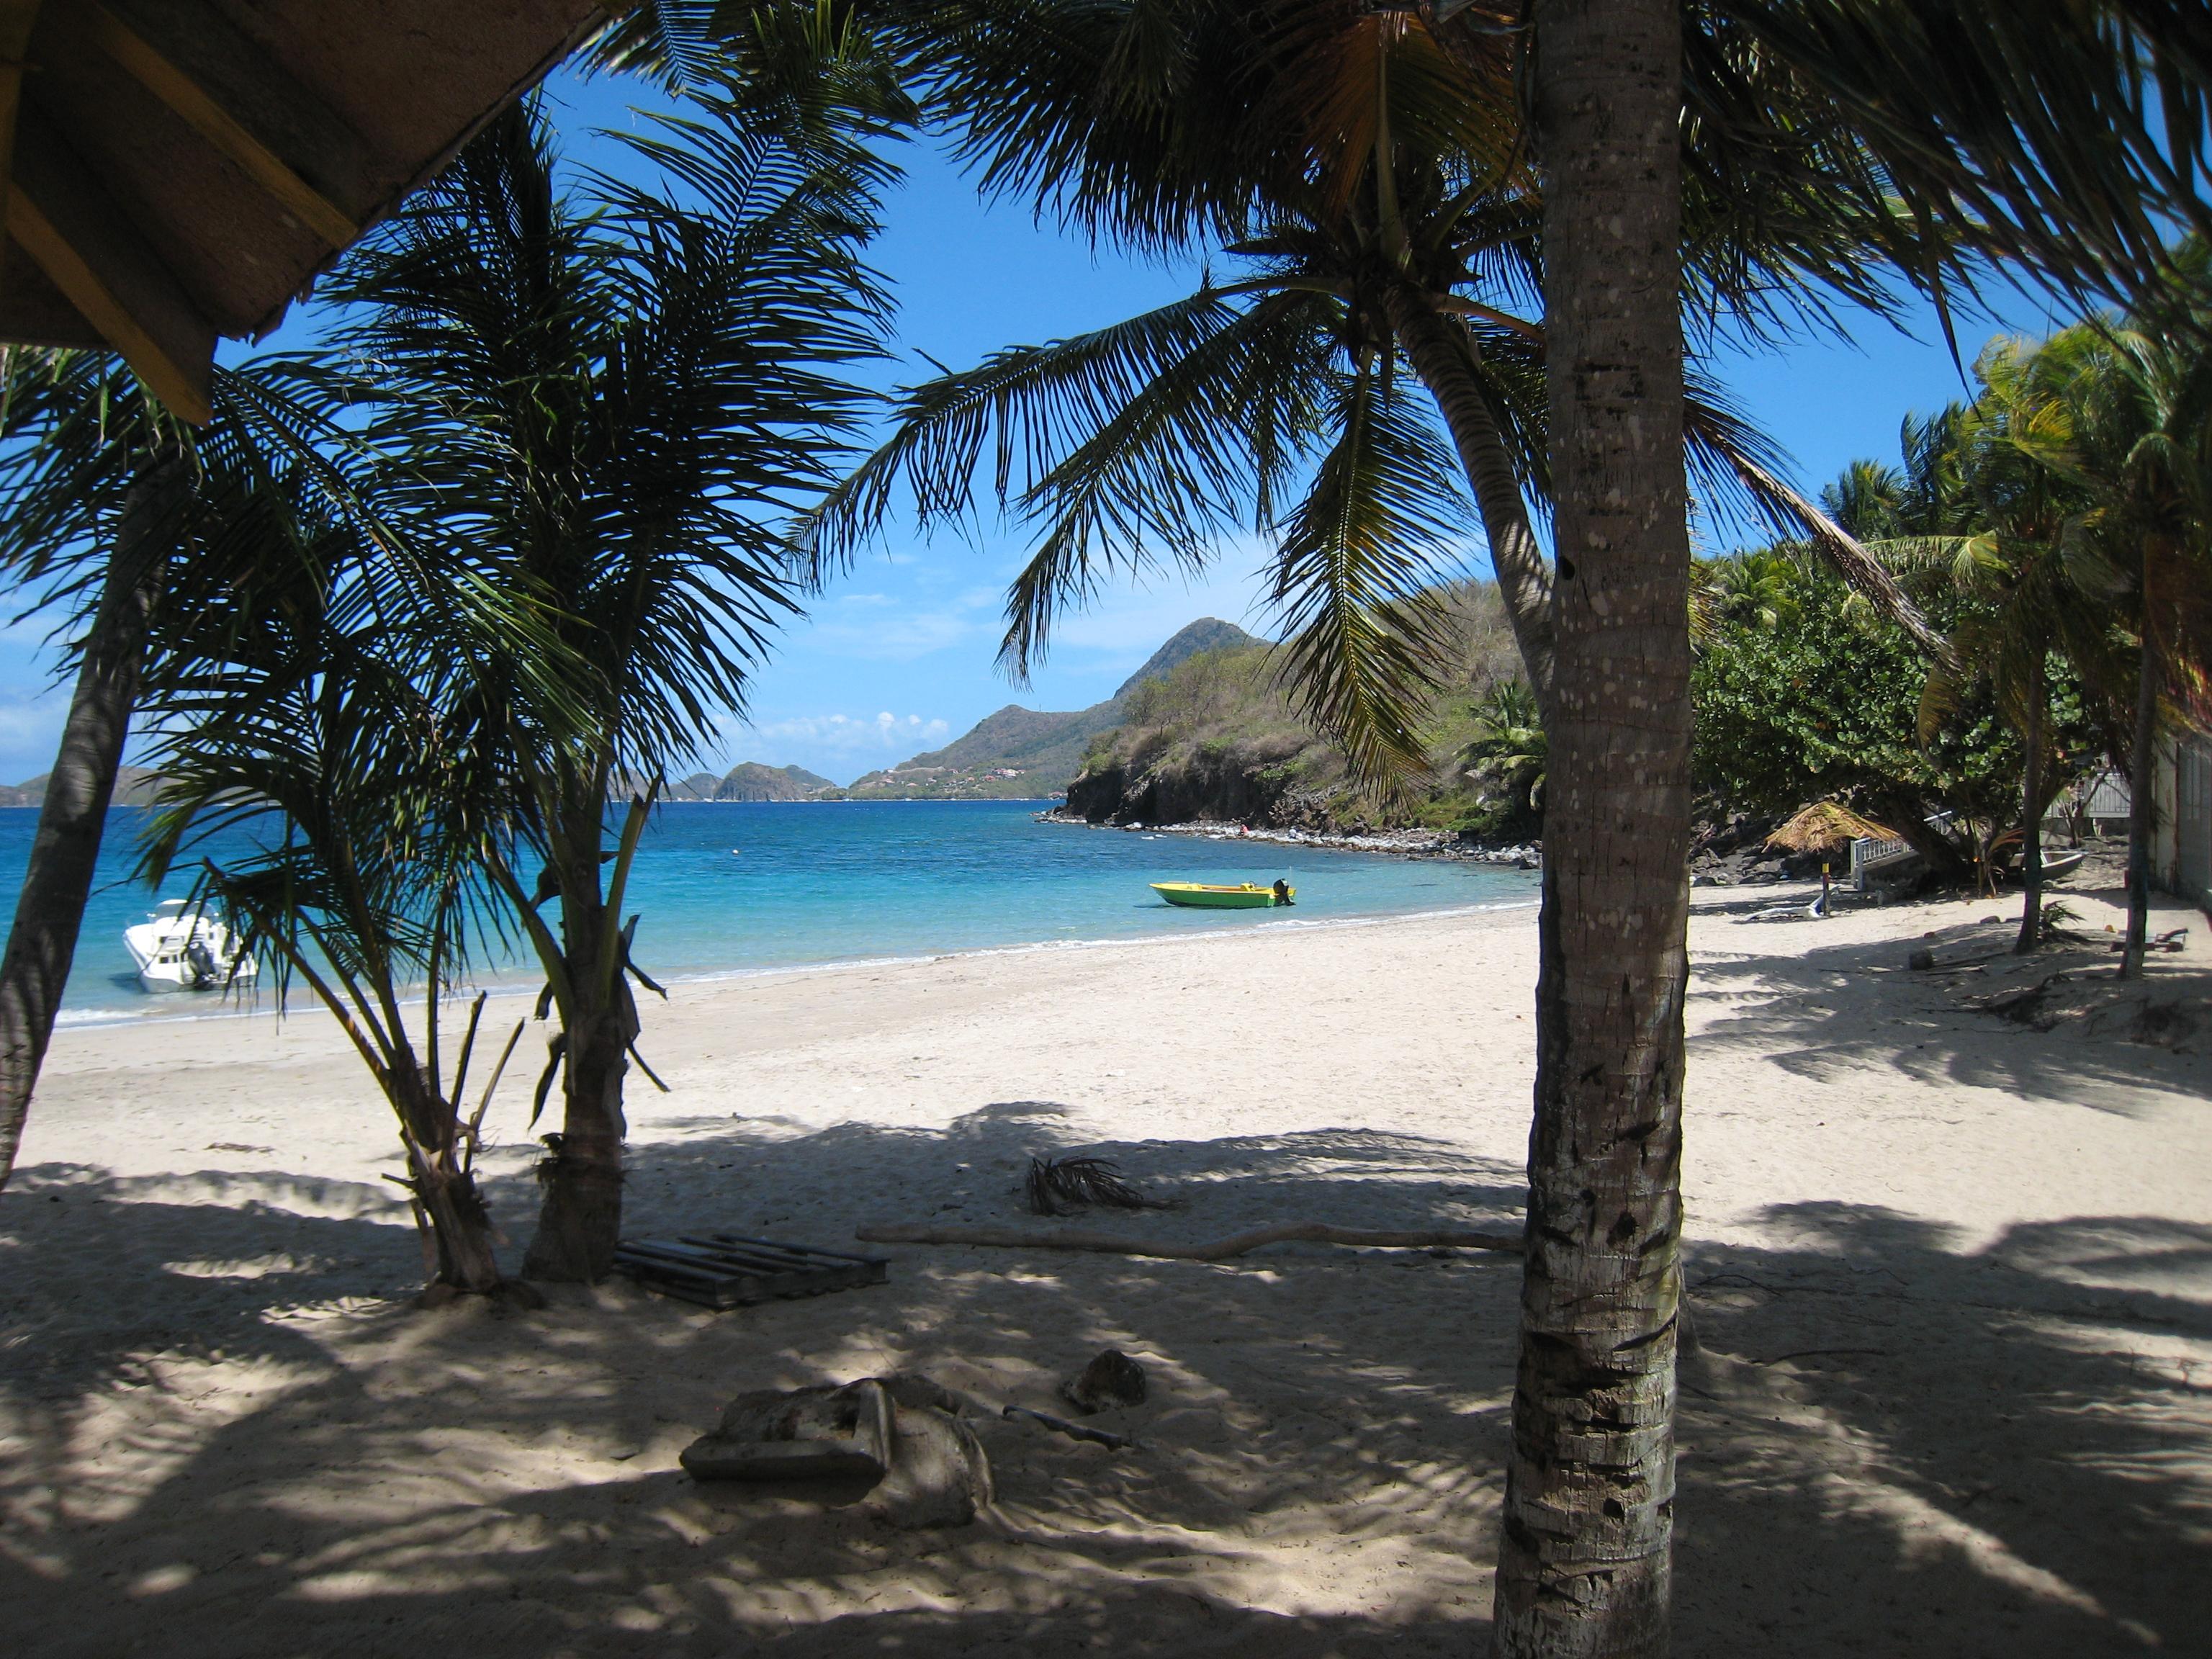 Plage de Grande Anse - - Résidence Coco d'Iles -  Les Saintes